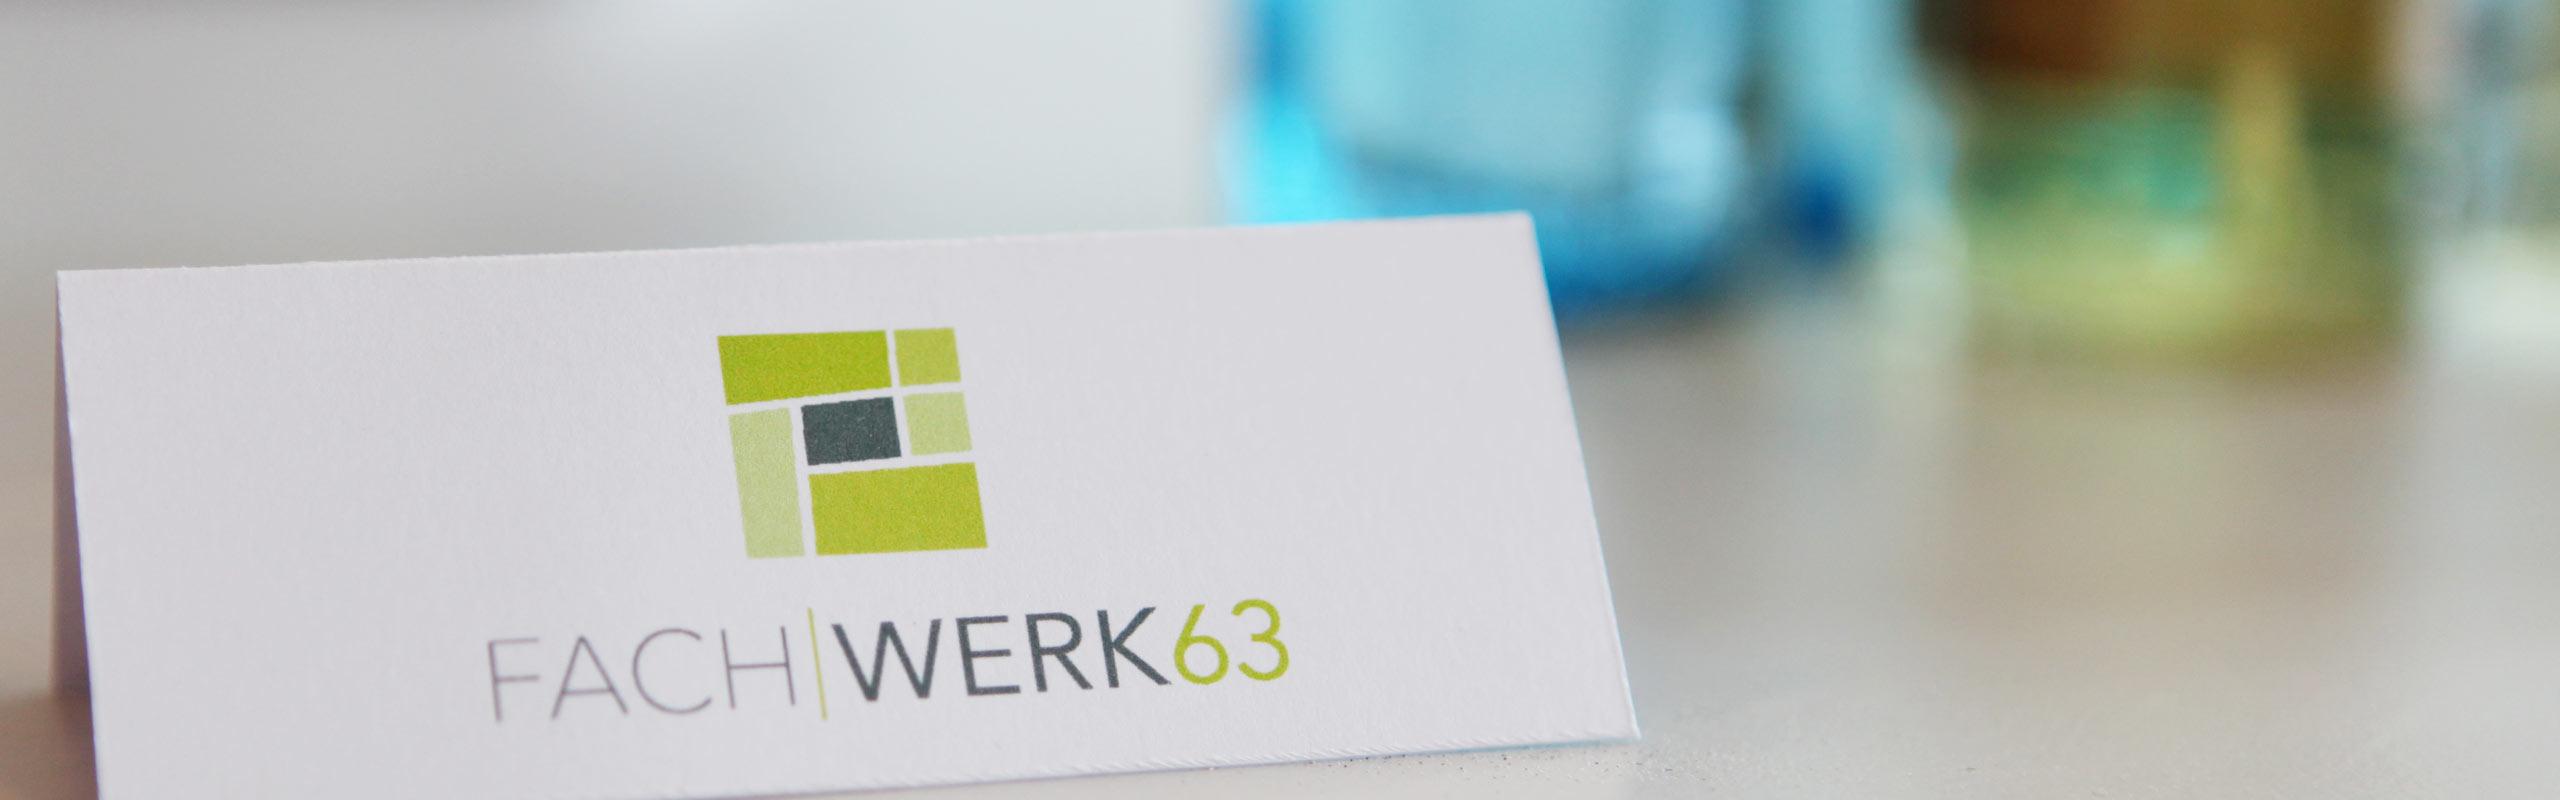 Seminarhaus Fachwerk63 Logo